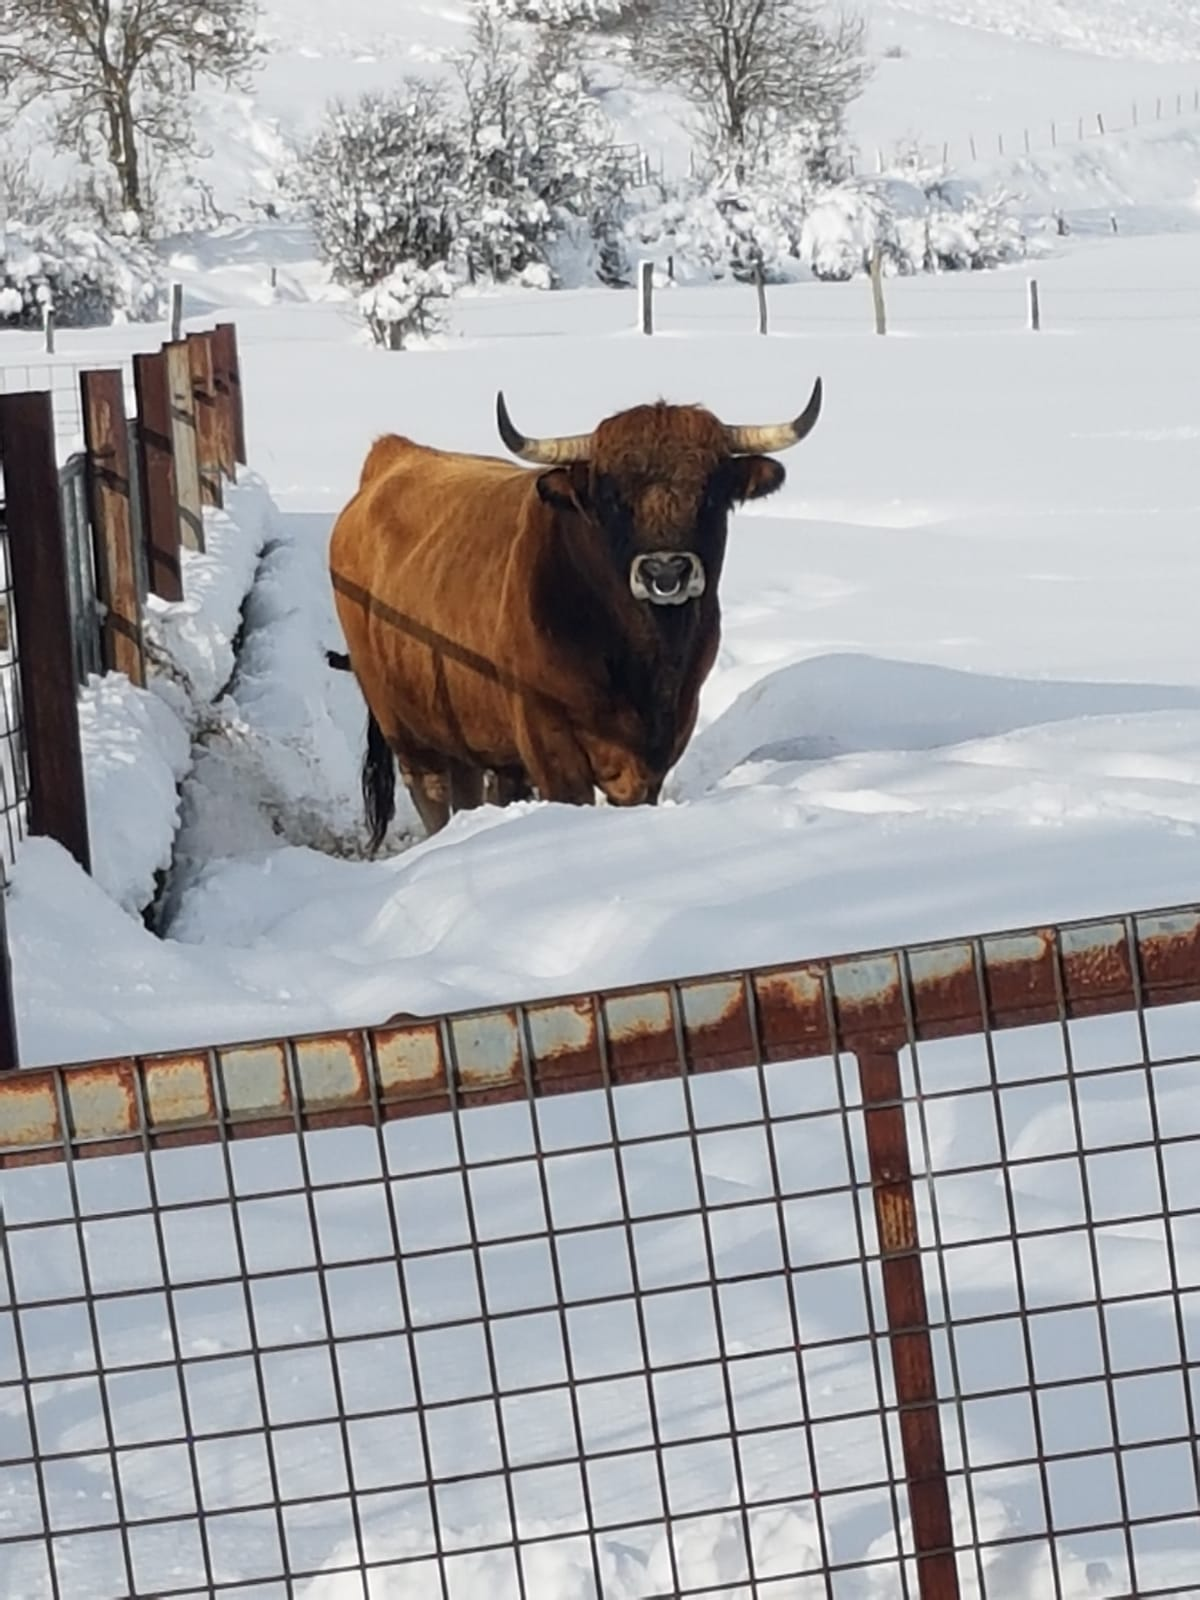 Nieve - Ganaderia Benéitez